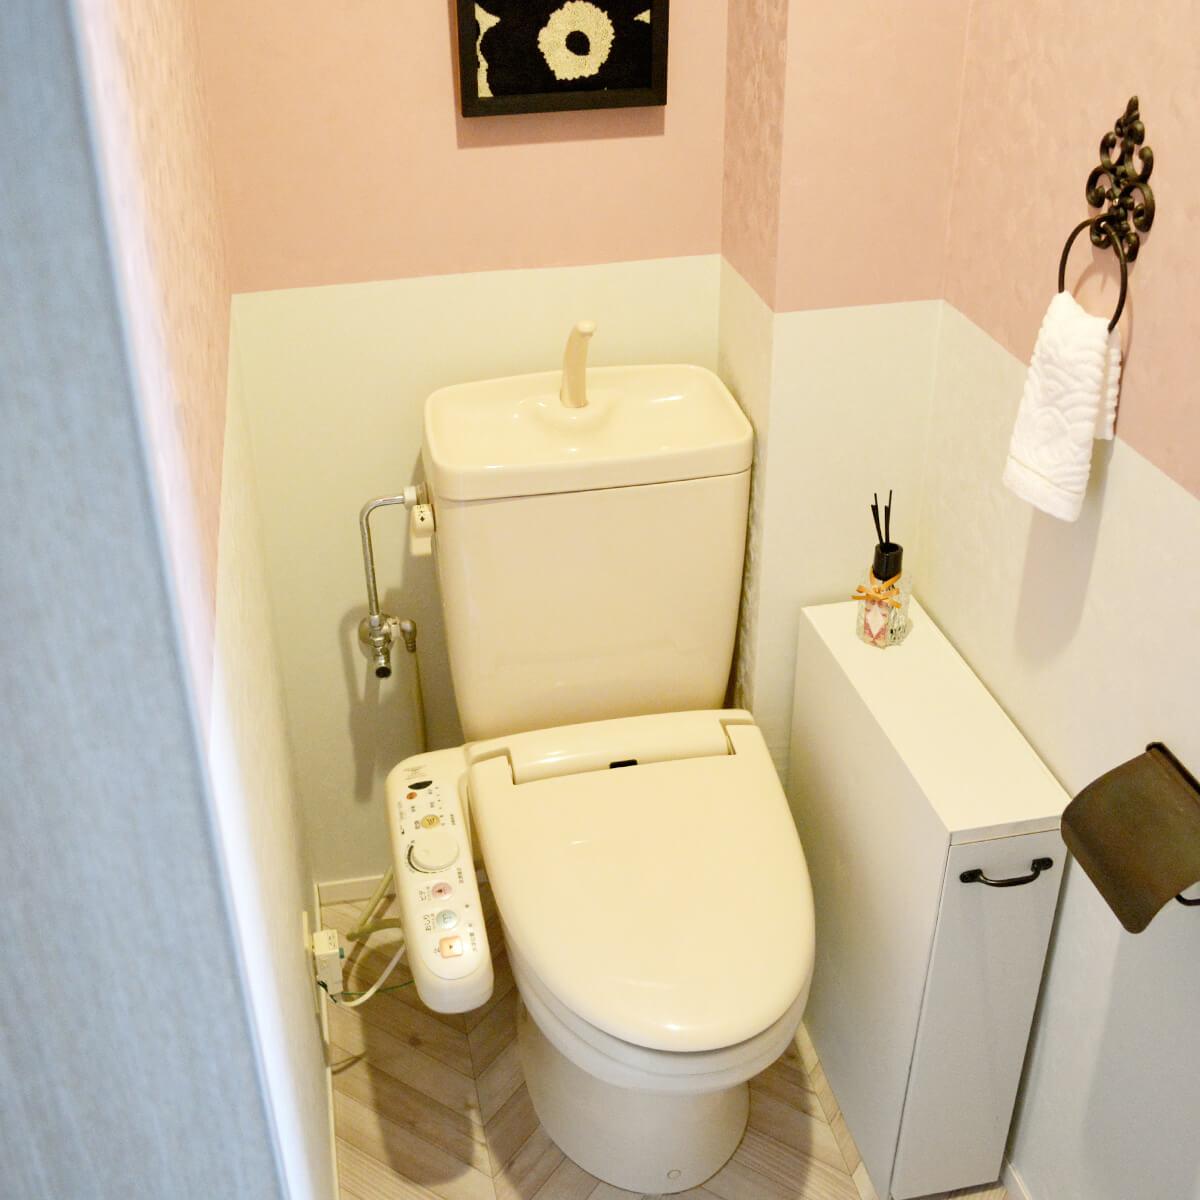 ポジティブになれる、ときめくトイレ空間